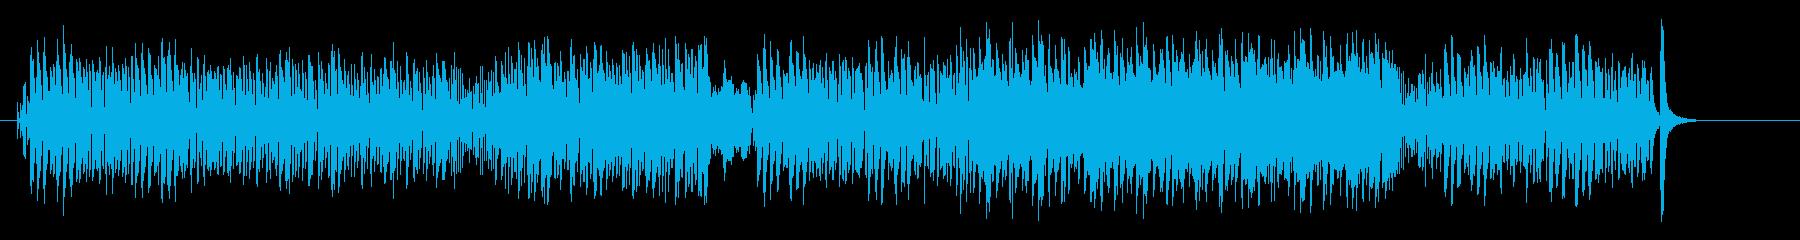 かわいく楽しいアニメ調コミカル・ポップスの再生済みの波形